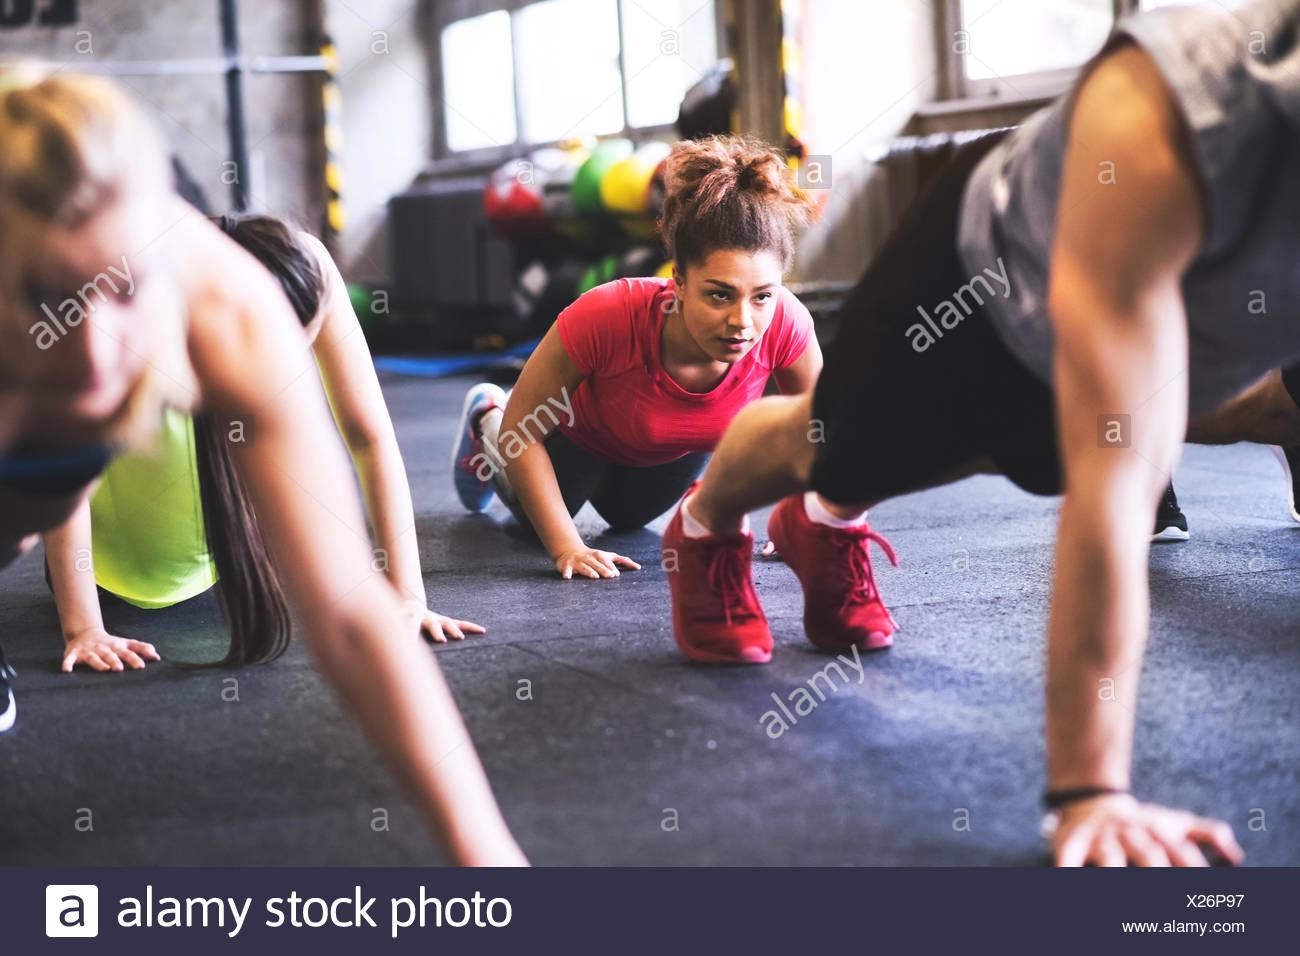 Groupe de jeunes de l'exercice dans la salle de sport Photo Stock